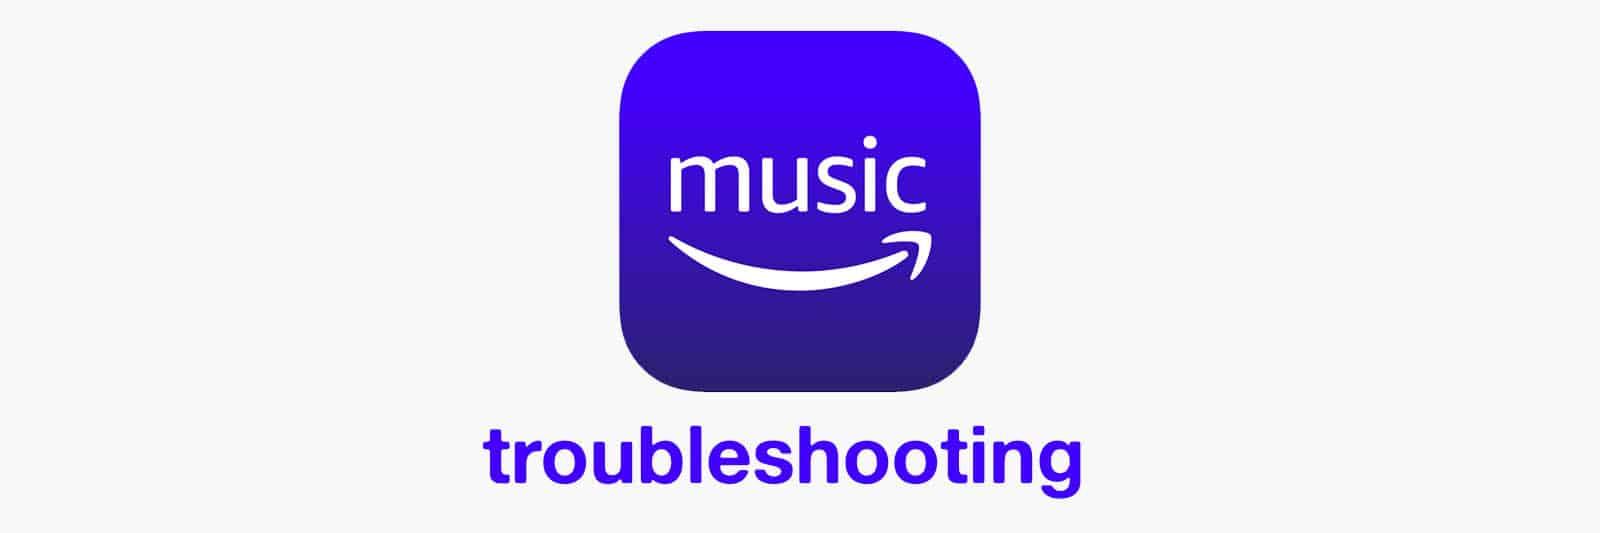 amazon-music-troubleshooting